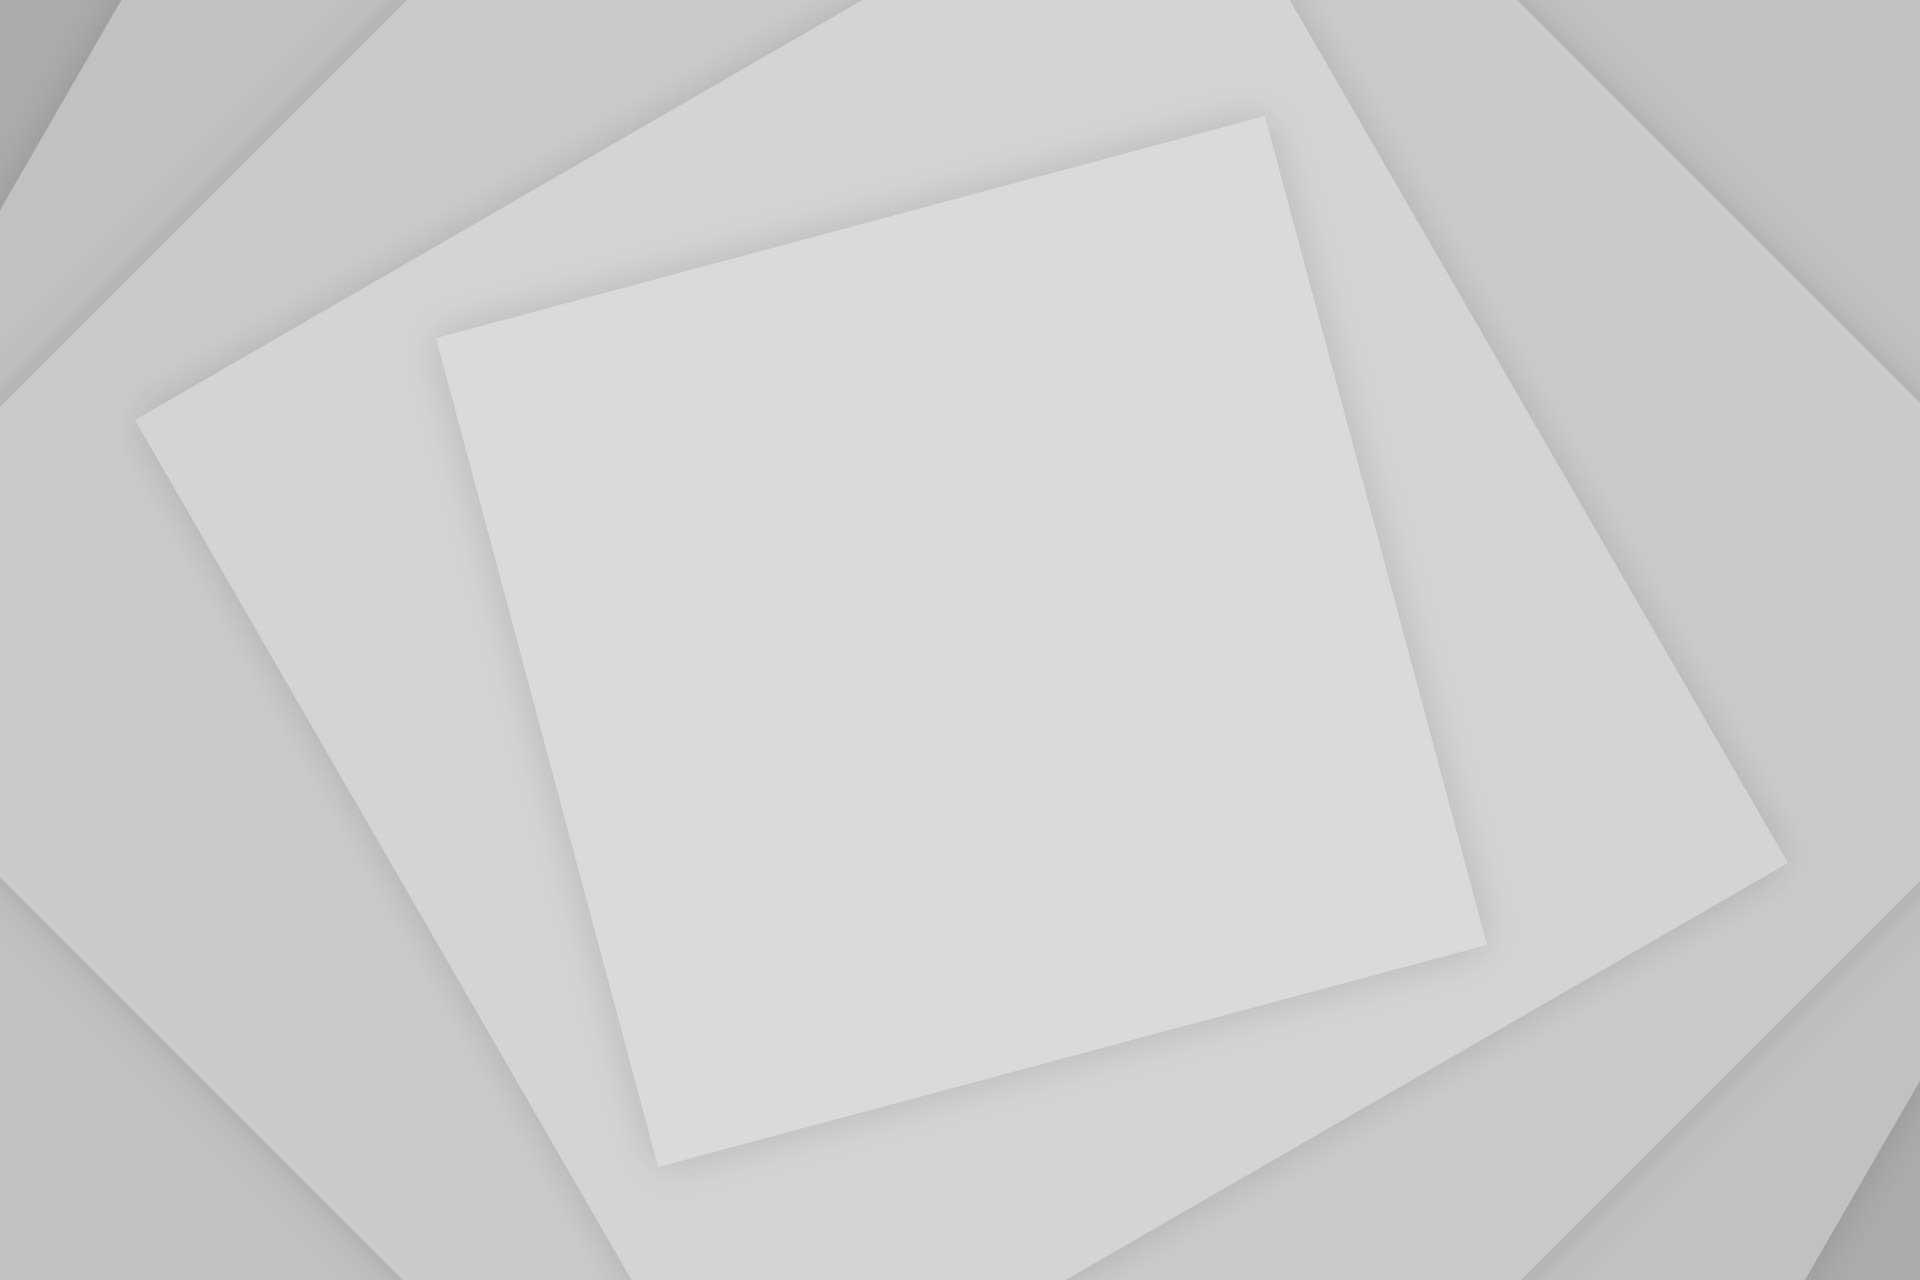 Наказ МОЗ України від 02.11.2018 № 2012 «Про затвердження Примірного статуту та Примірної структури центру громадського здоров'я (обласного, міст Києва та Севастополя)»